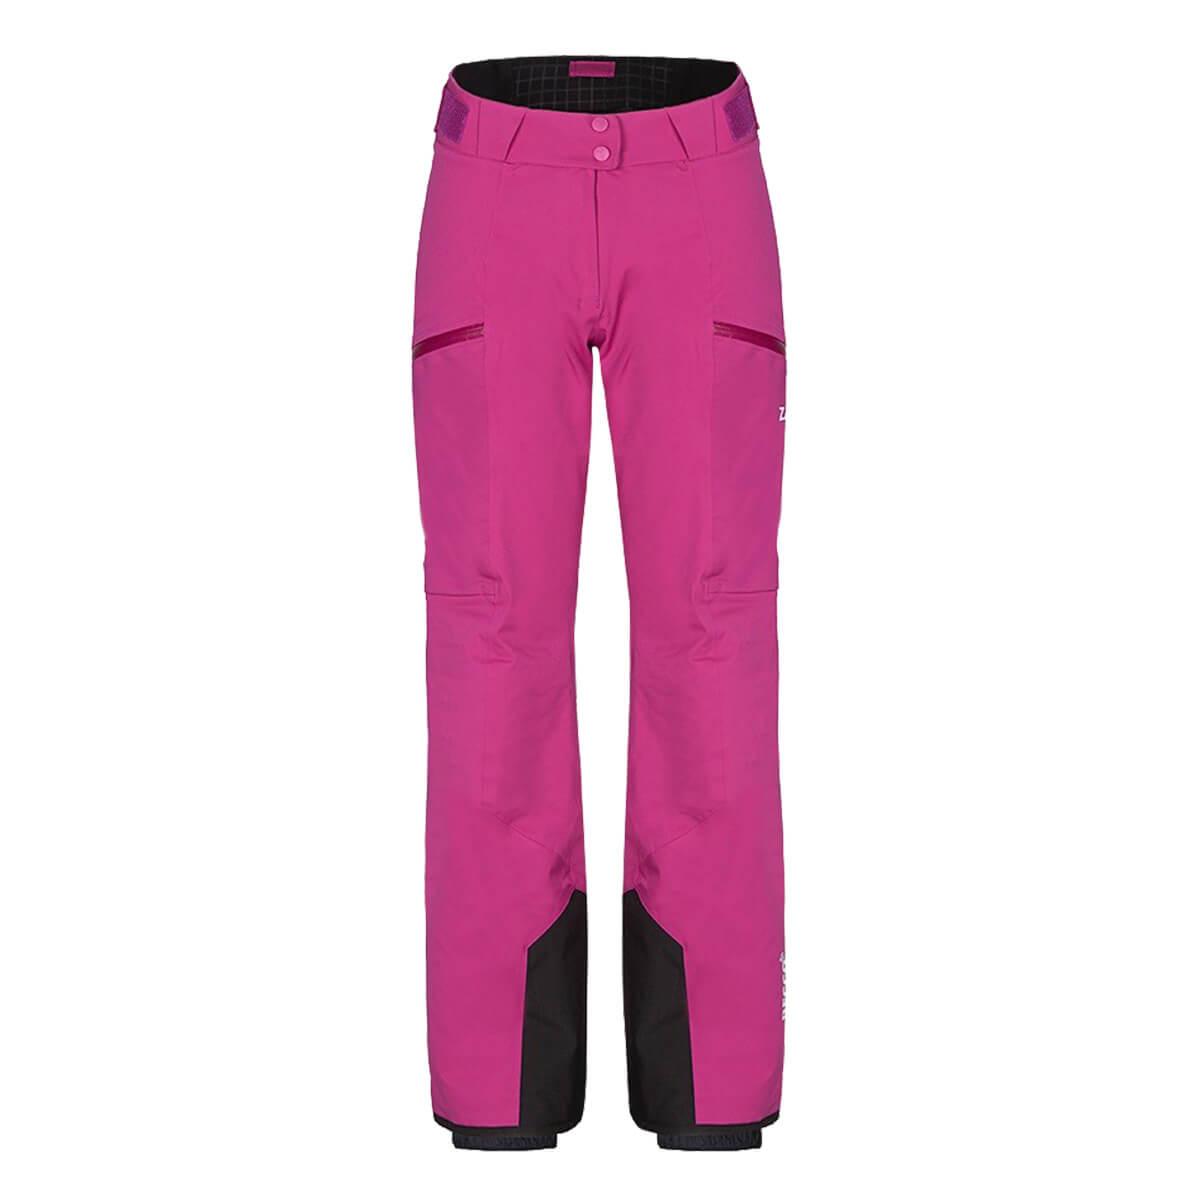 Dámske lyžiarske nohavice Zajo Civetta W Pants Fuchsia - veľkosť S